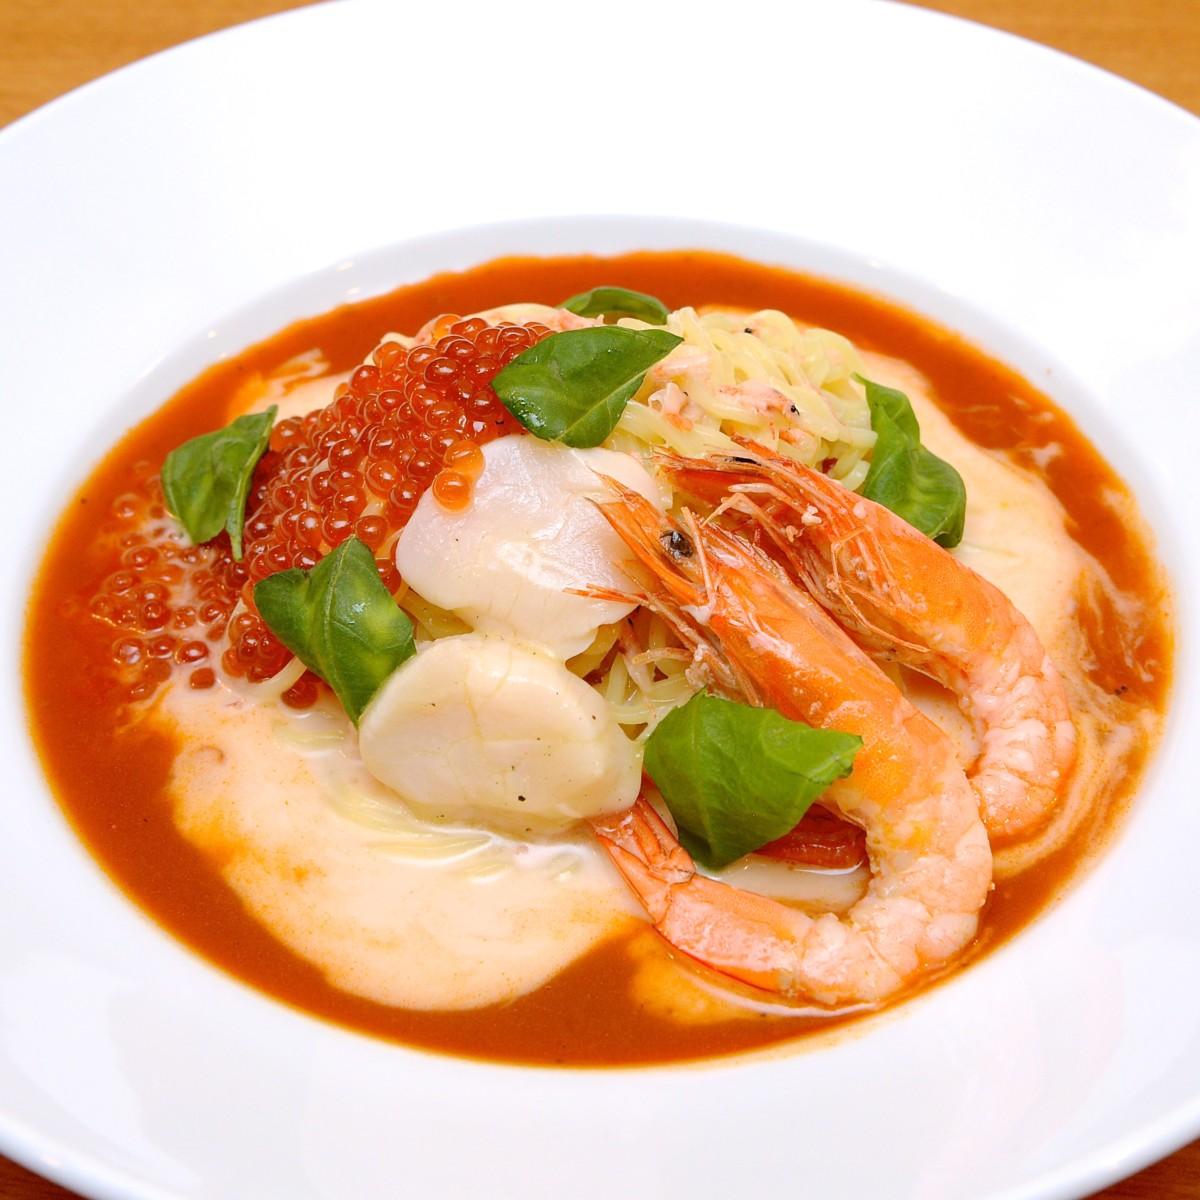 いくらと有頭エビとホタテの冷やし麺〜ビスクソース〜|ココス「世界のヌードル」フェア